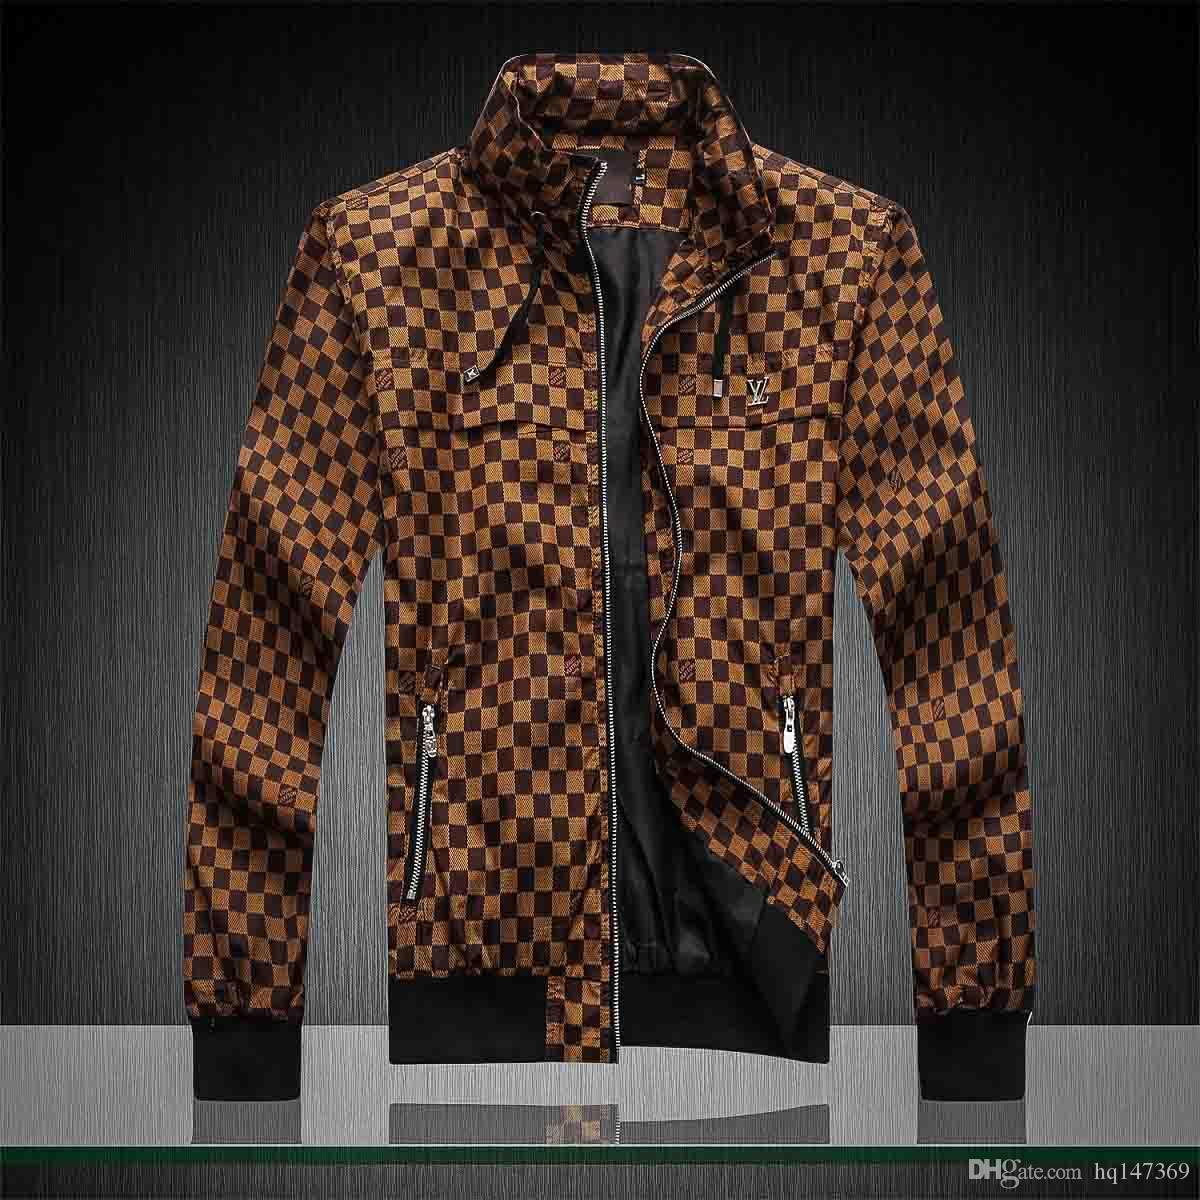 2020 Новый стиль дизайнера мужчин зимы куртки Роскошные пальто Мужчины Женщины с длинными рукавами Открытый одежда Мужская одежда Женская одежда медузы куртка M-3XL